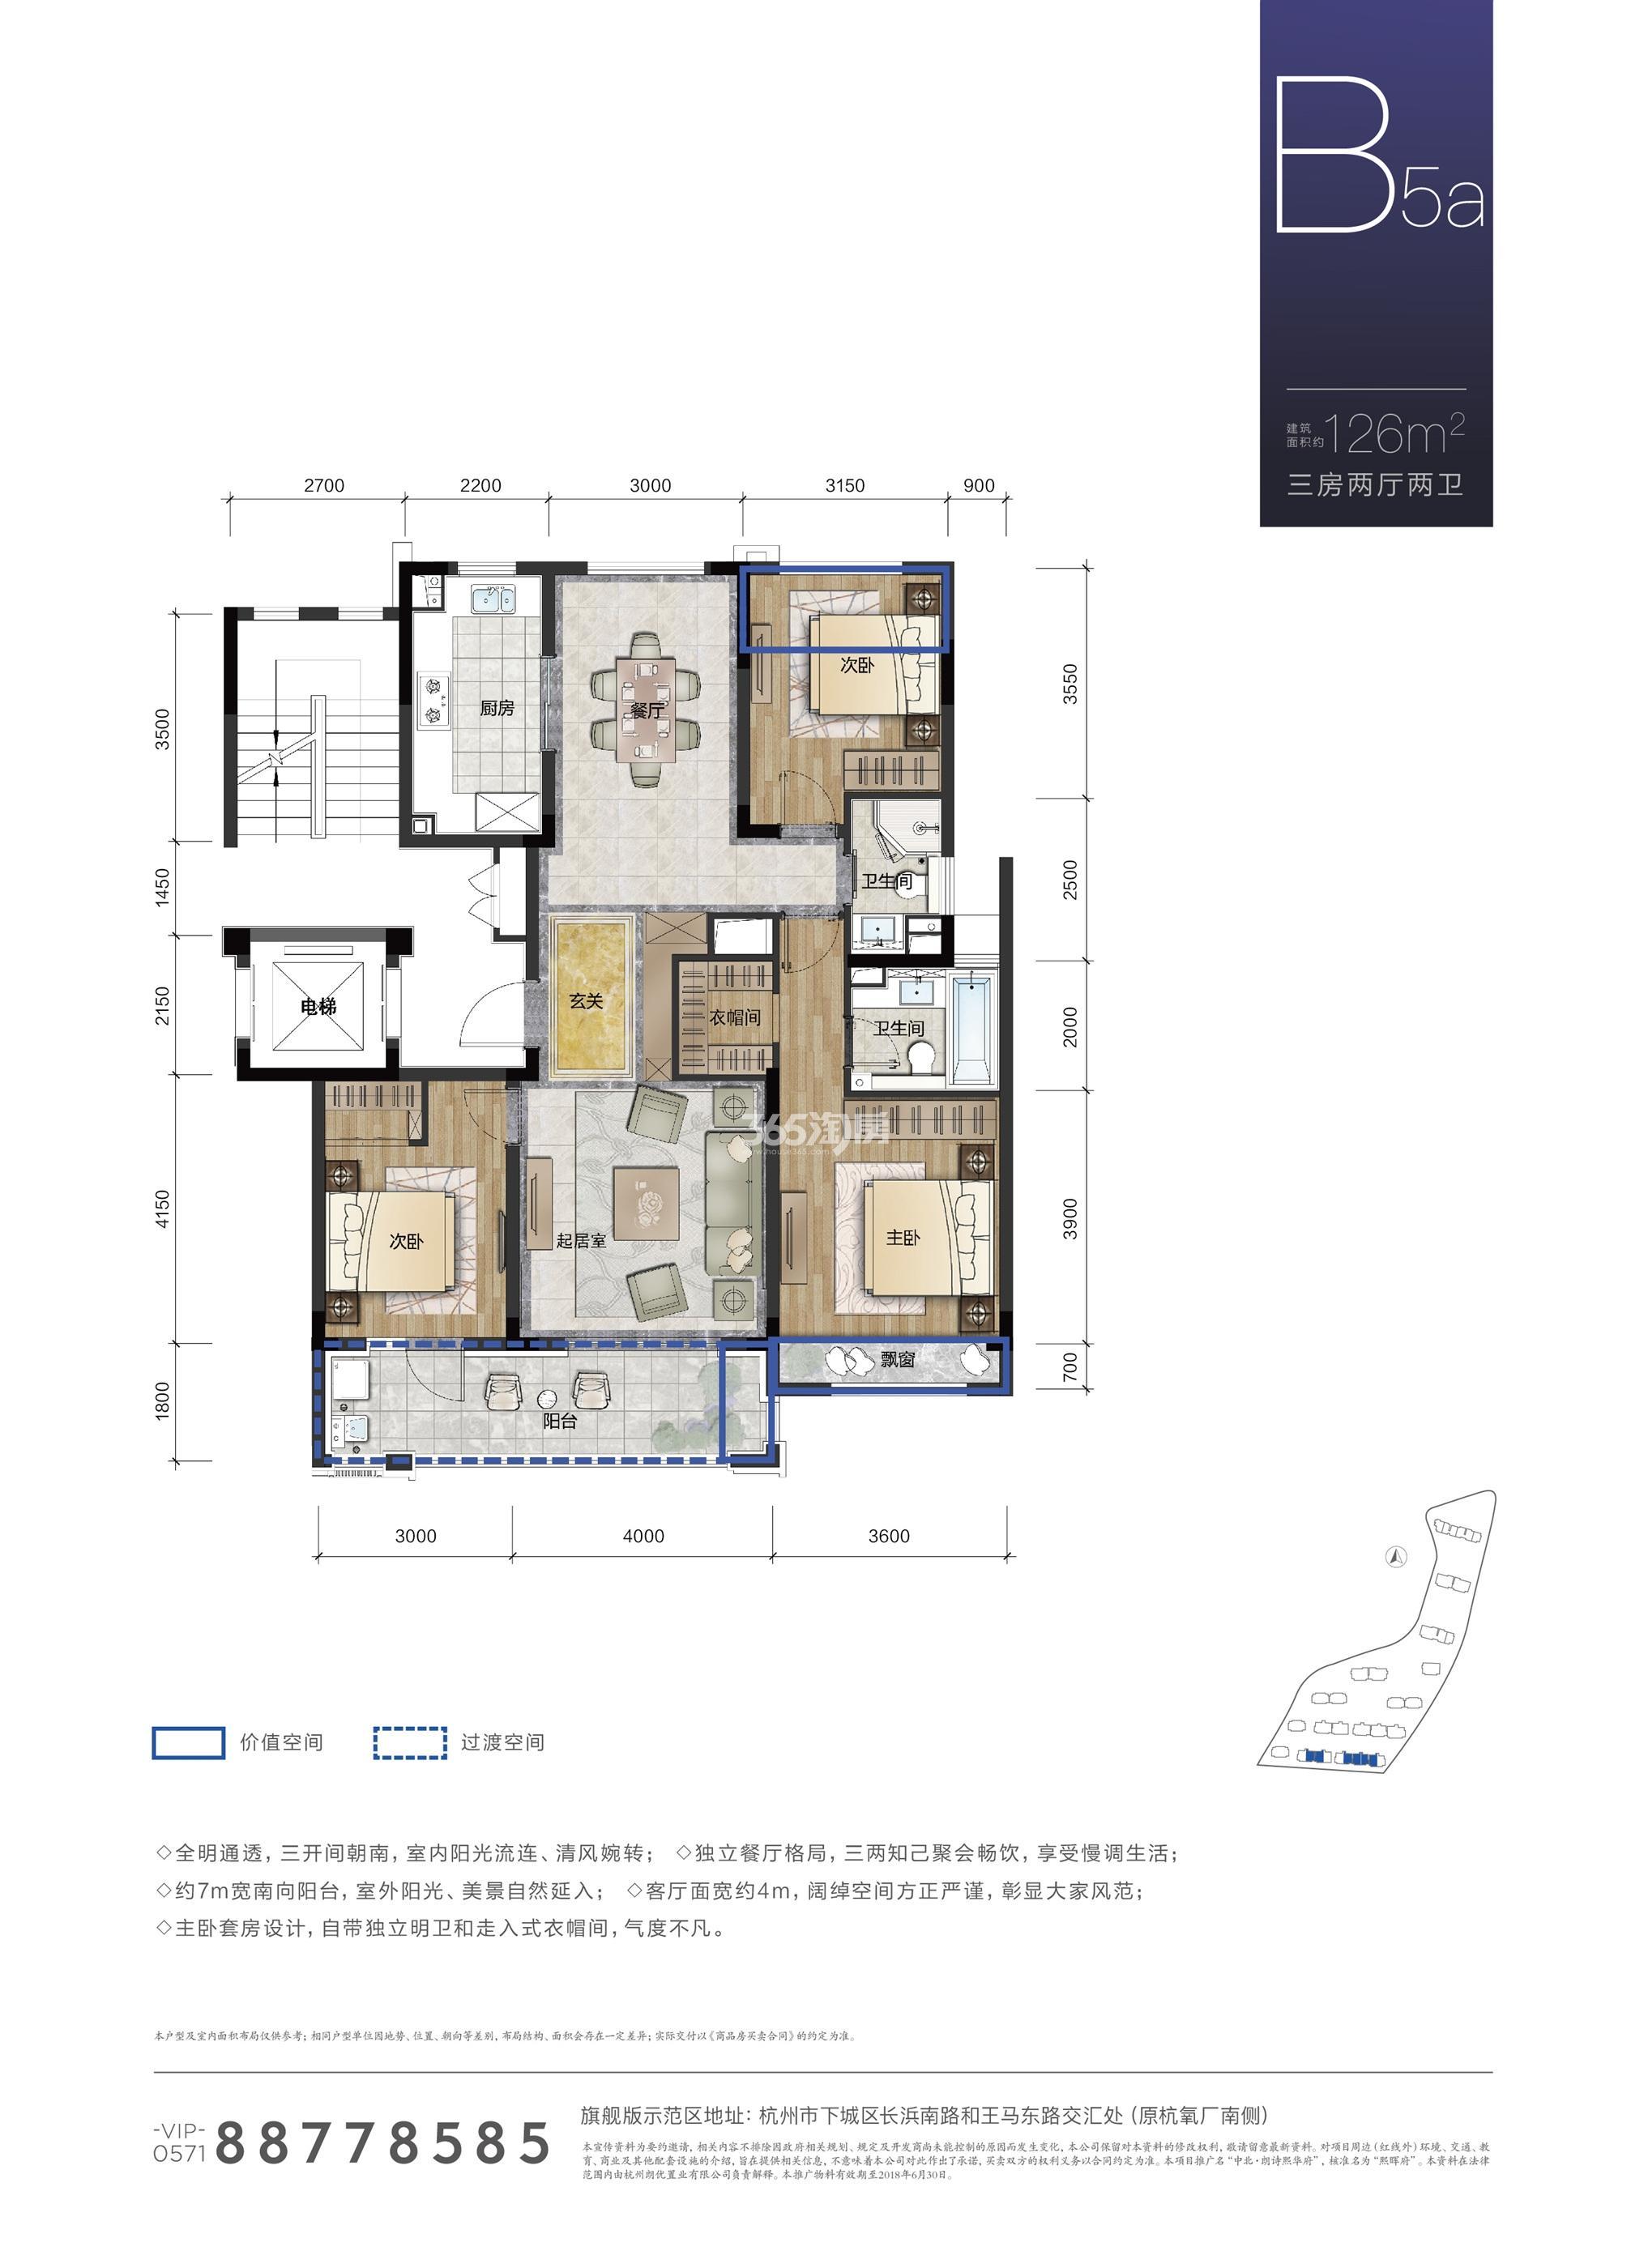 朗诗熙华府洋房6、7号楼中间套B5a户型 约126㎡